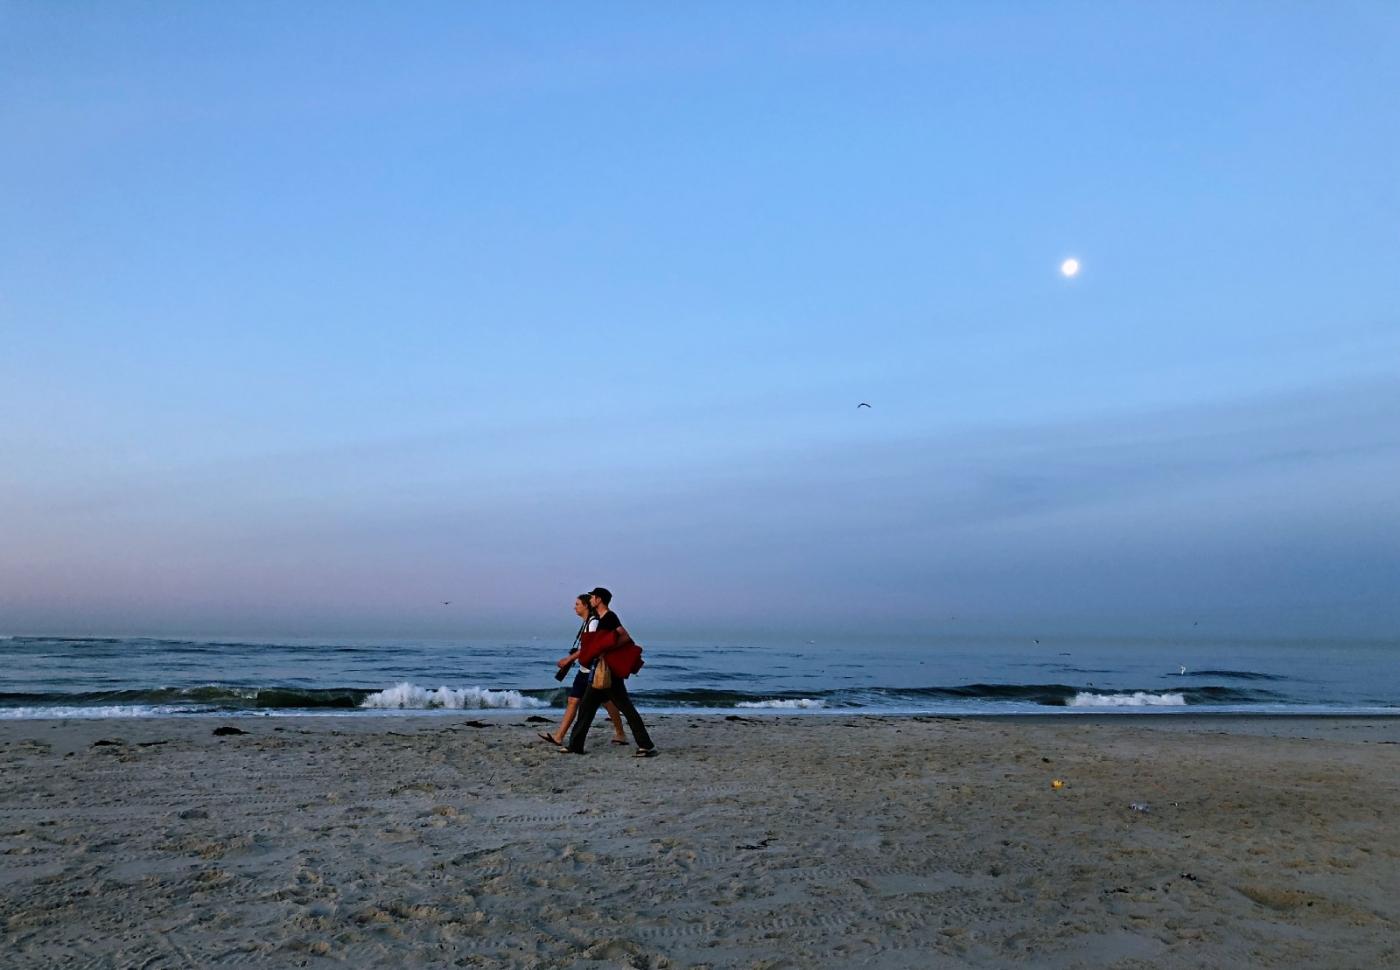 【田螺摄影】月未落日刚升的长滩画面_图1-2